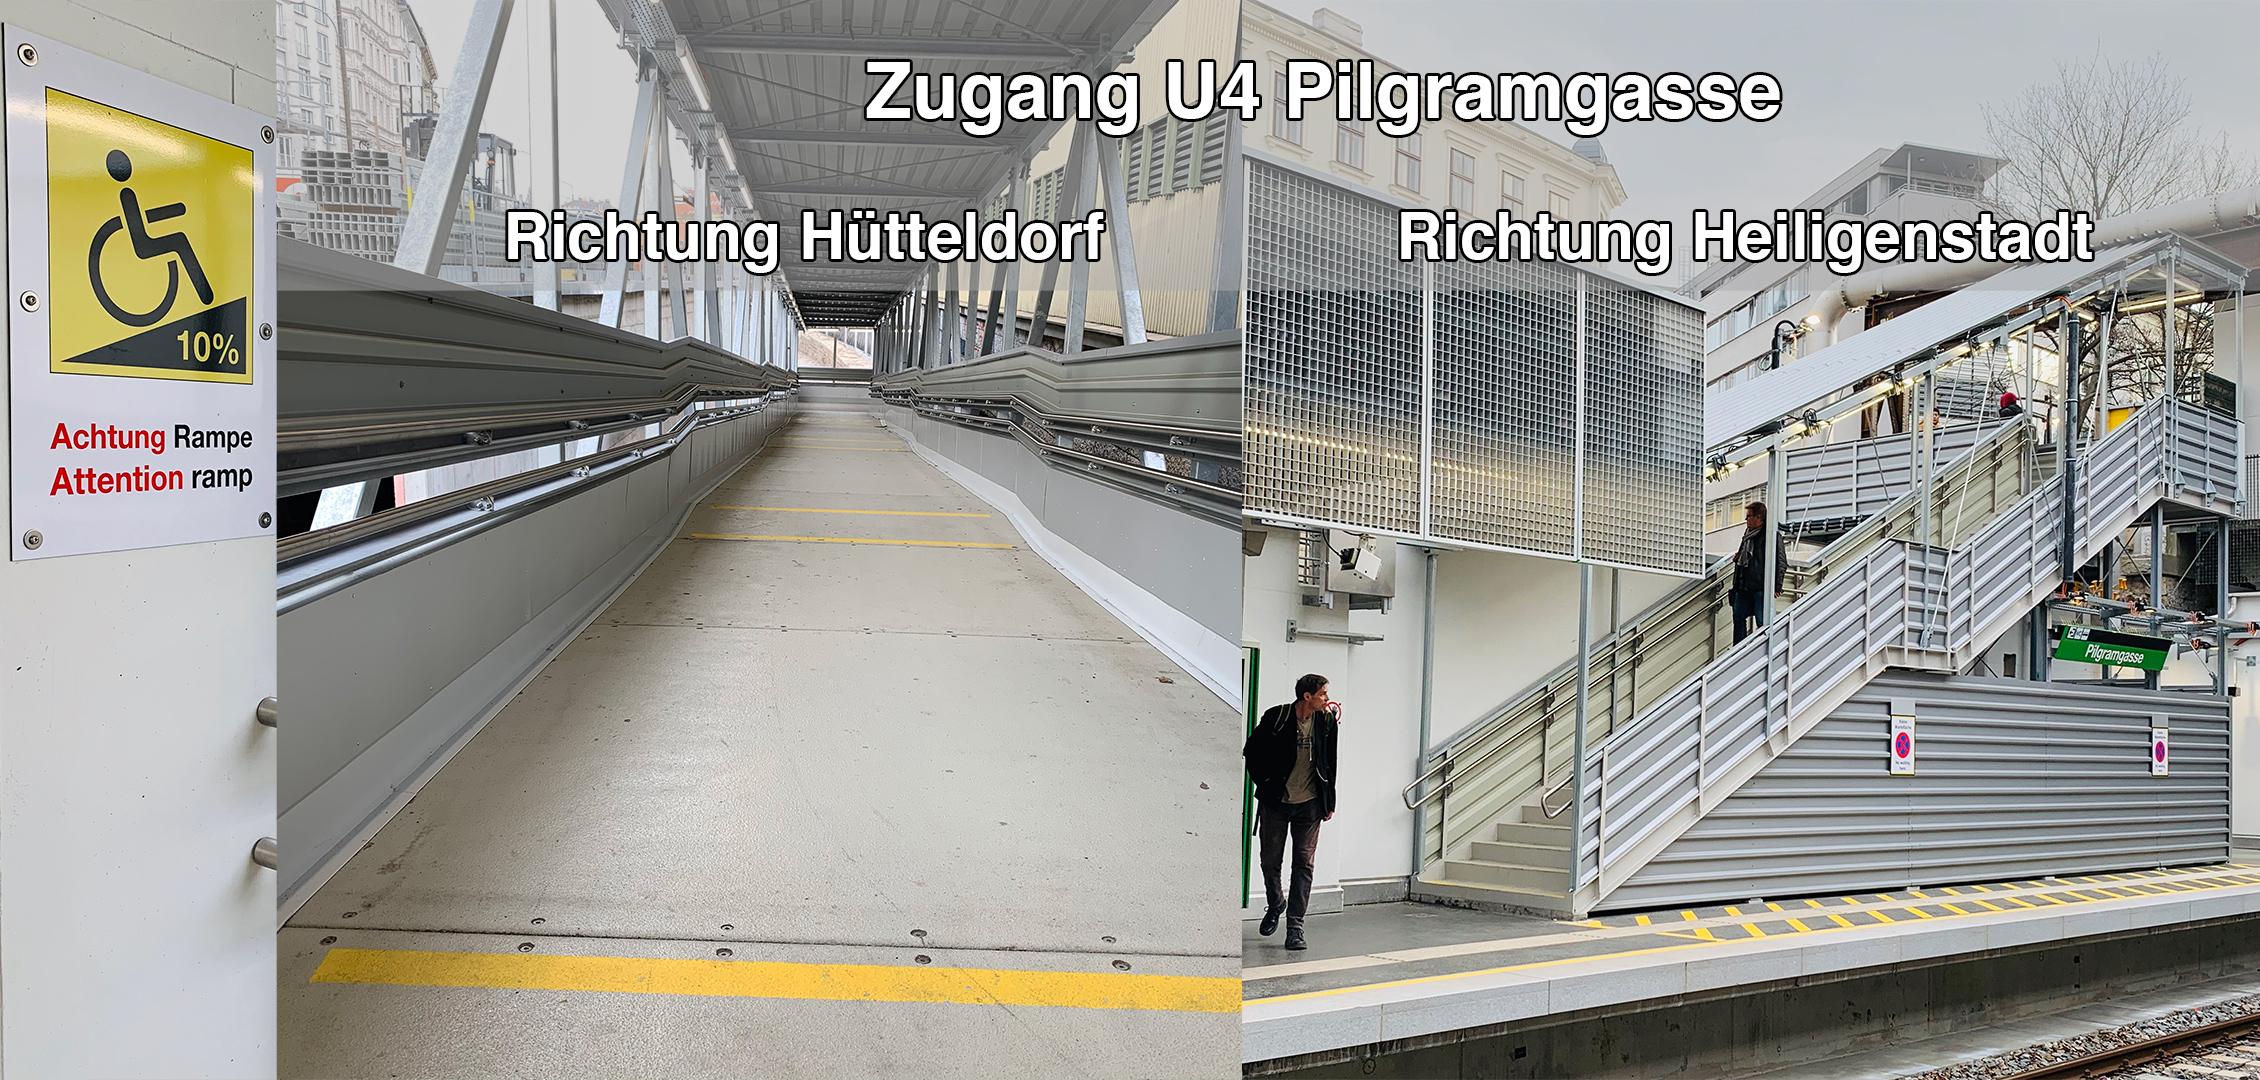 Linke Hälfte zeigt die lange steile Rampe mit kurzen Zwischenpodesten Richtung Hütteldorf, die rechte Hälfte das Treppengerüst Richtung Heiligenstadt